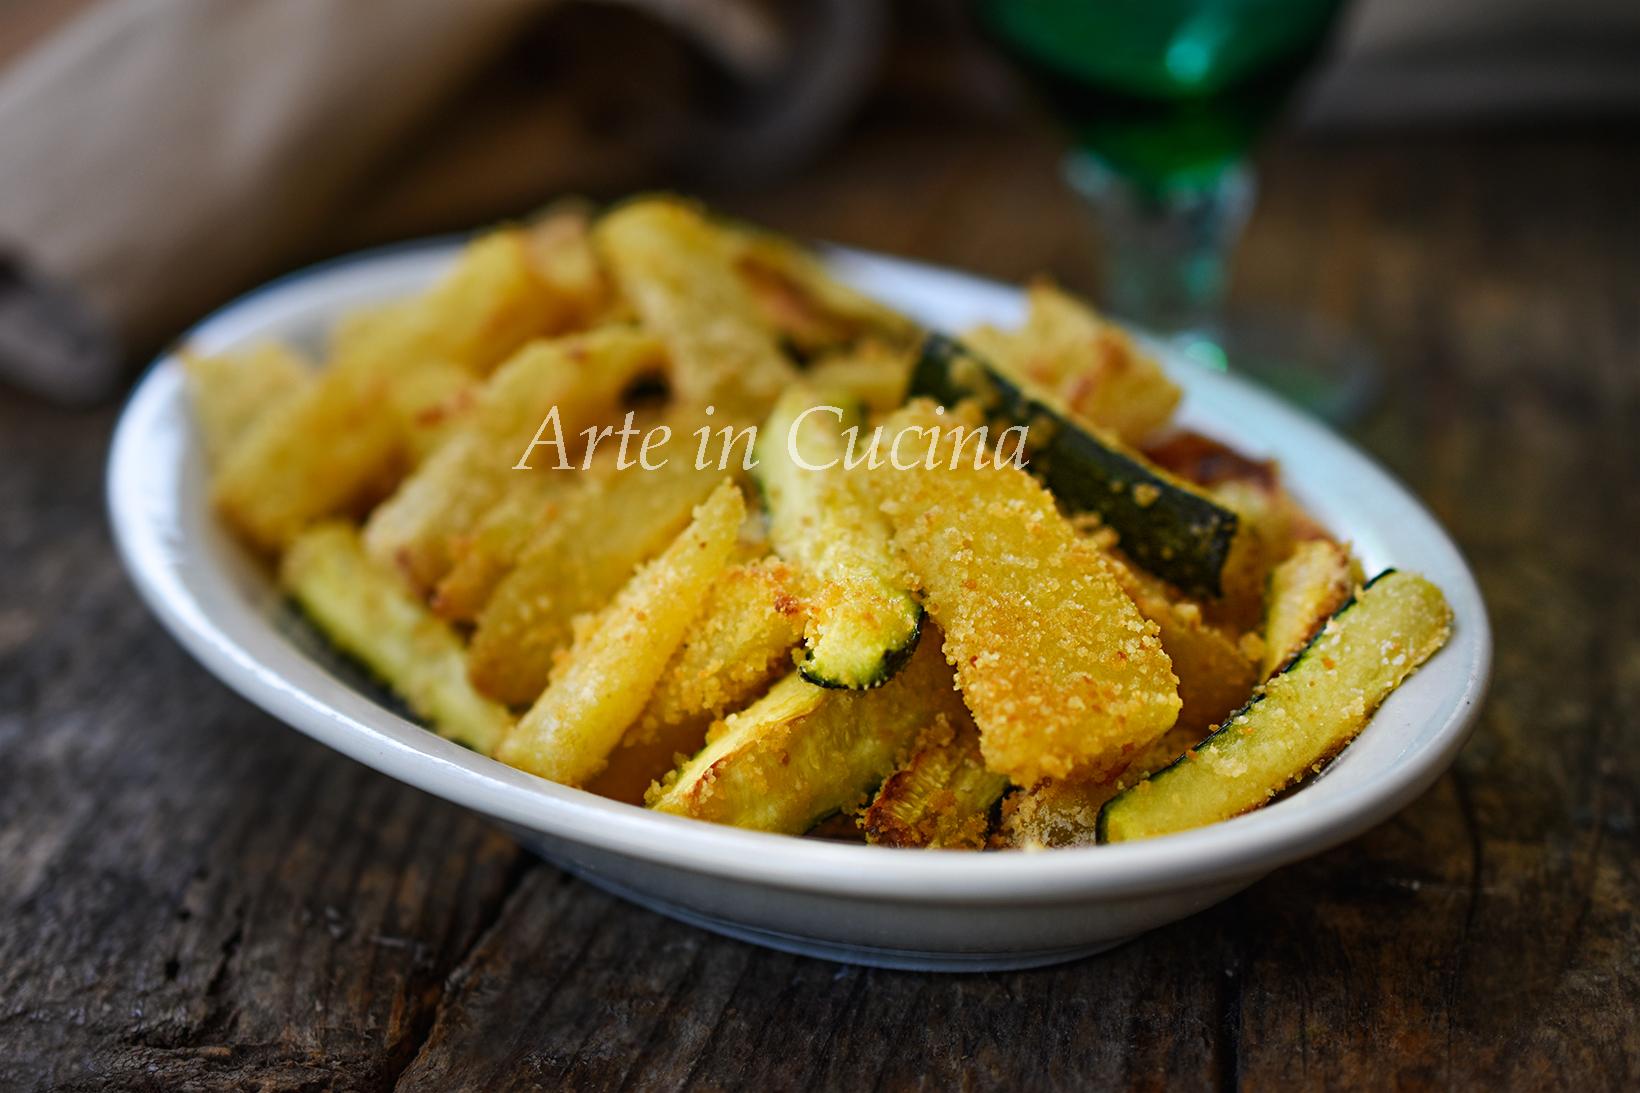 Patate e zucchine gratinate sabbione contorno saporito vickyart arte in cucina